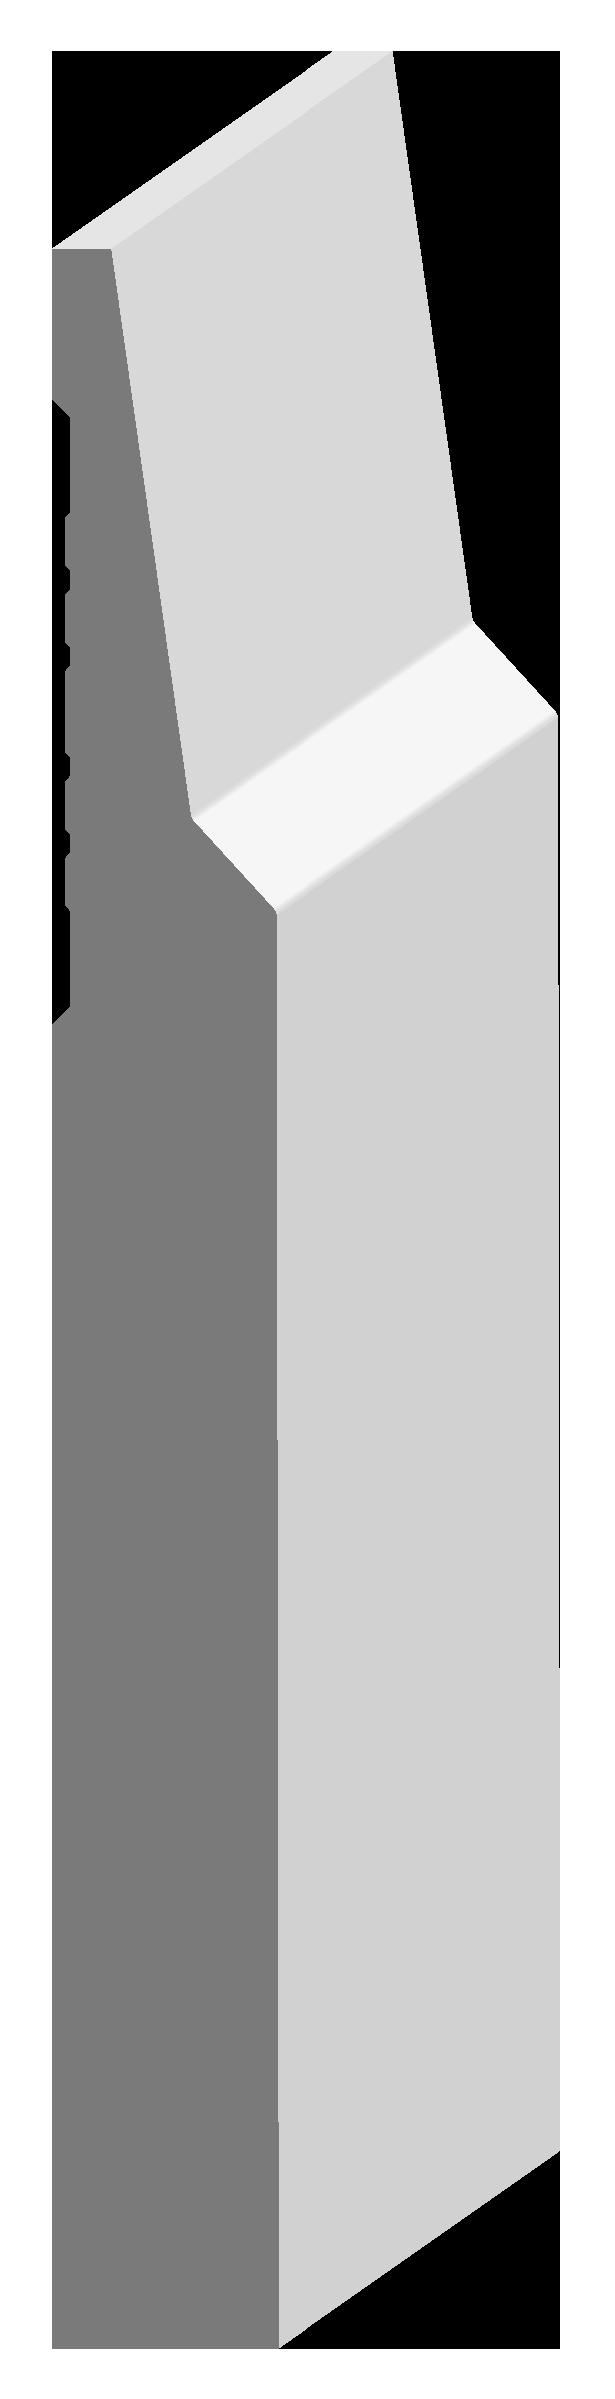 Z1026 BASE BOTTOM